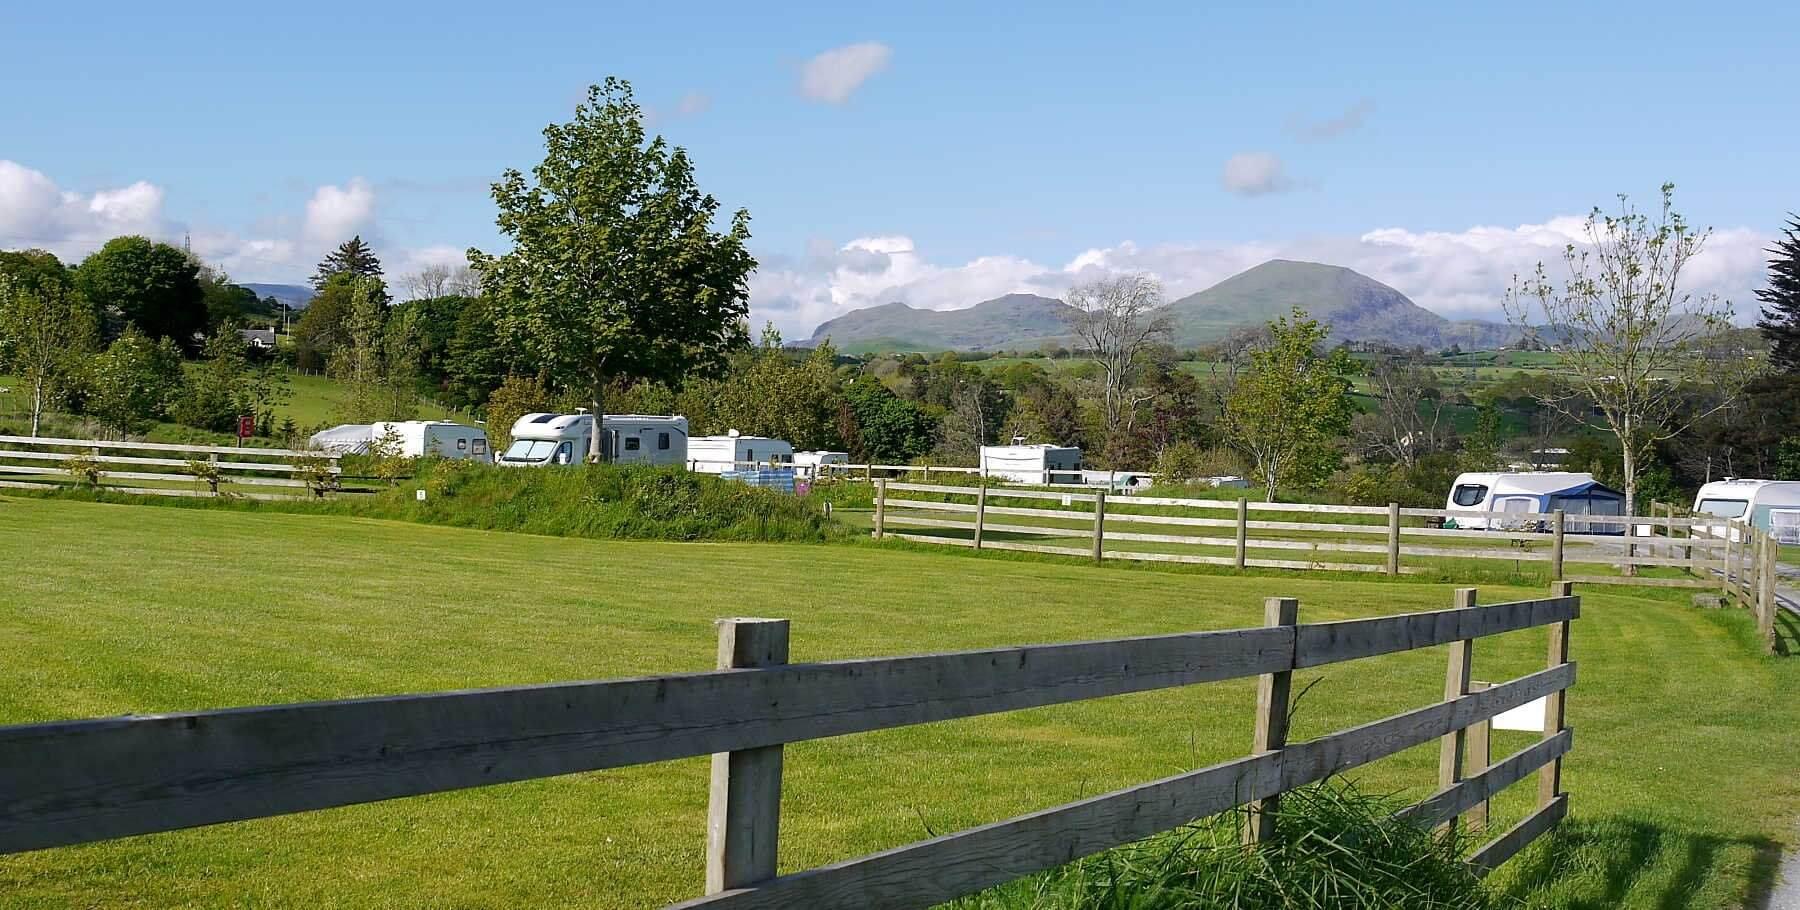 Eisteddfa Caravan And Camping Site, Criccieth , Gwynedd   Head Outside